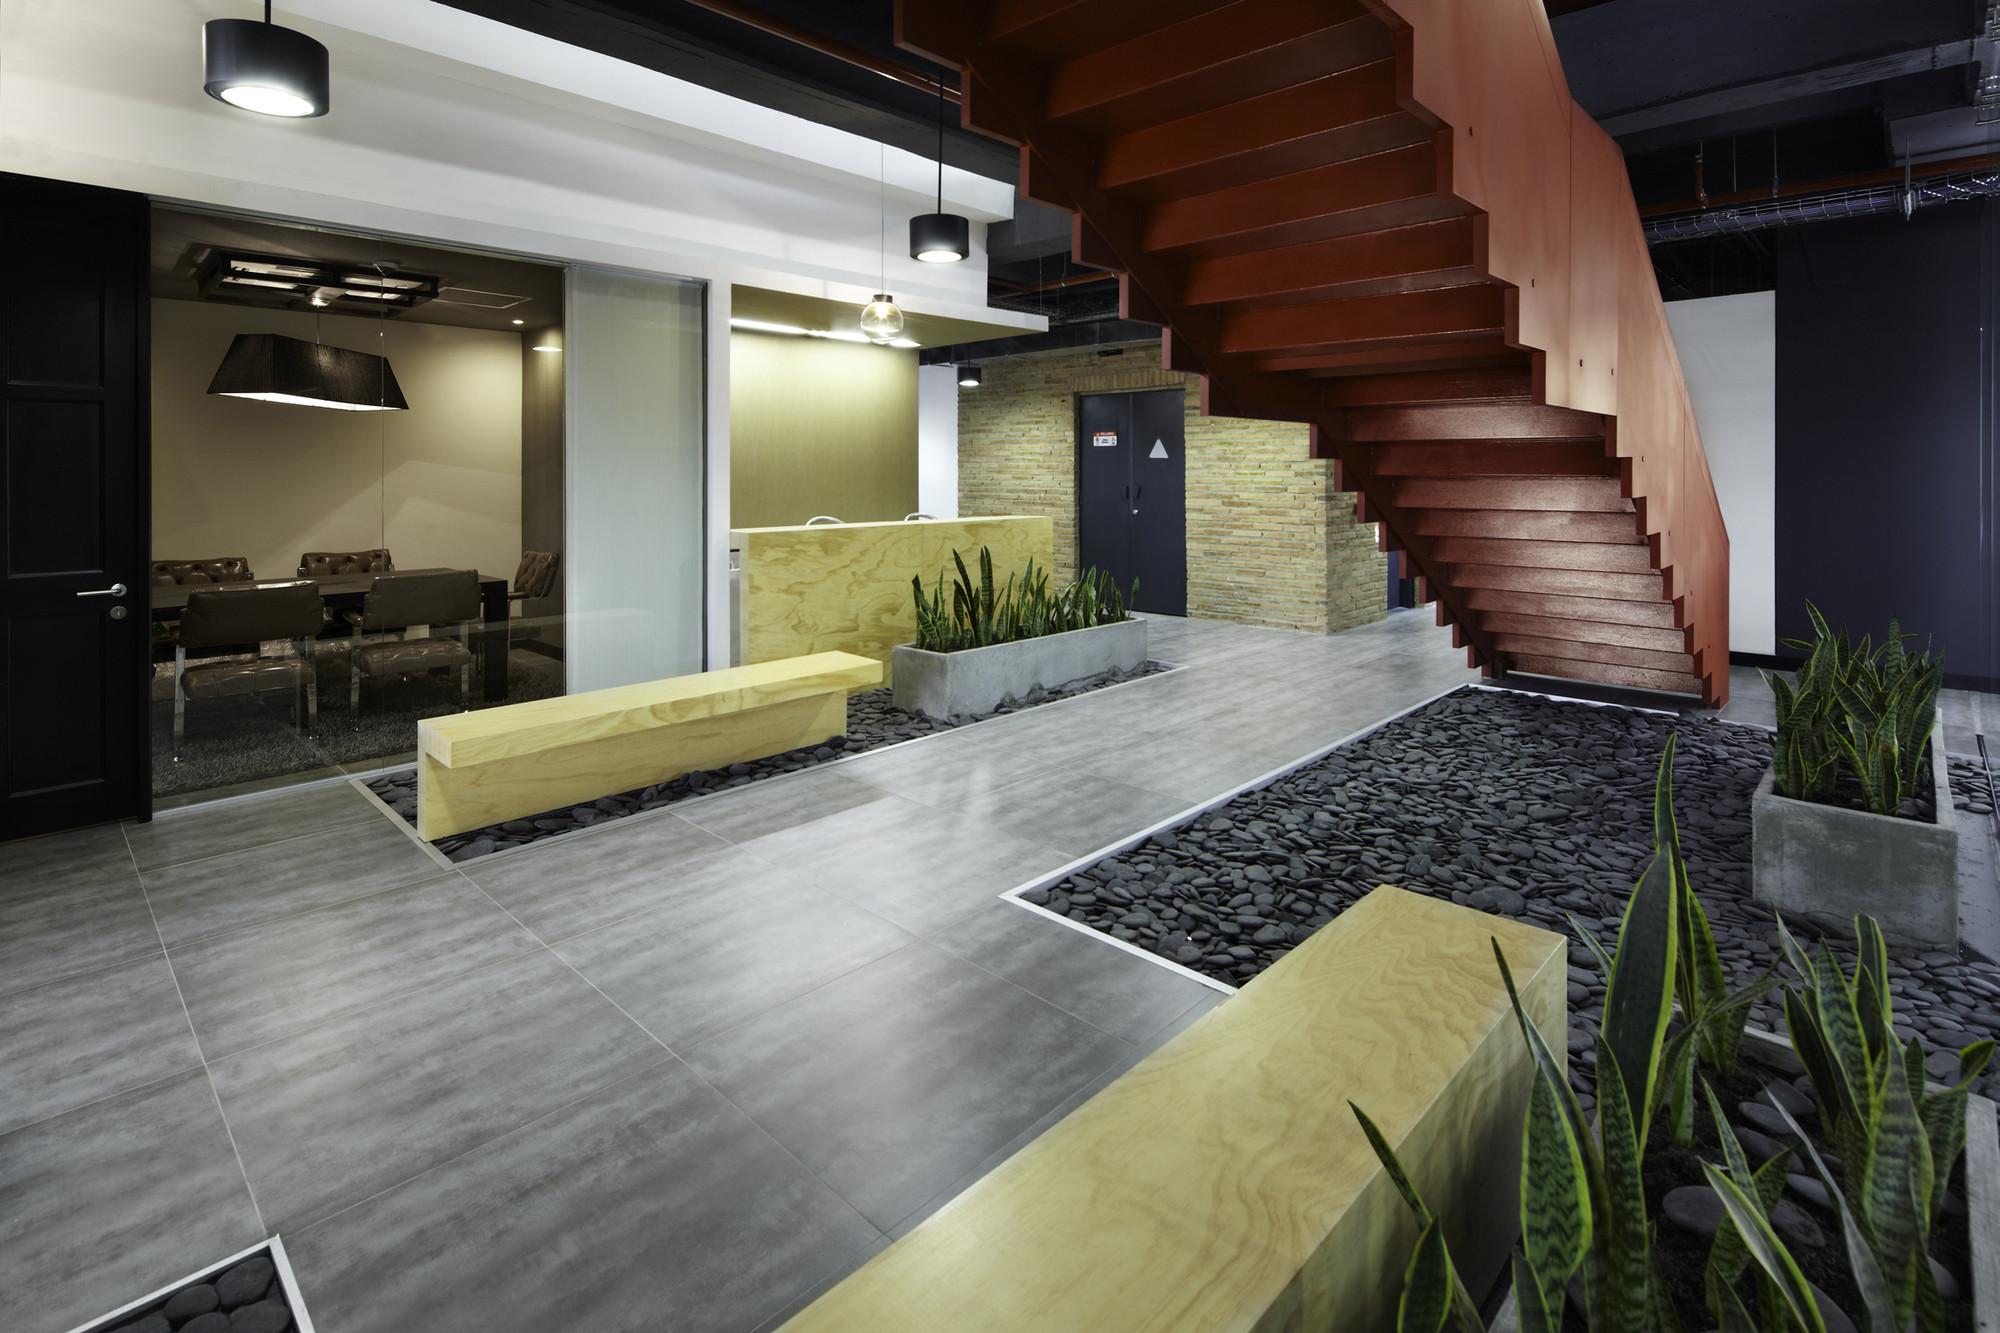 Galer a de oficinas jwt aei arquitectura e interiores 8 for Arquitecta de interiores